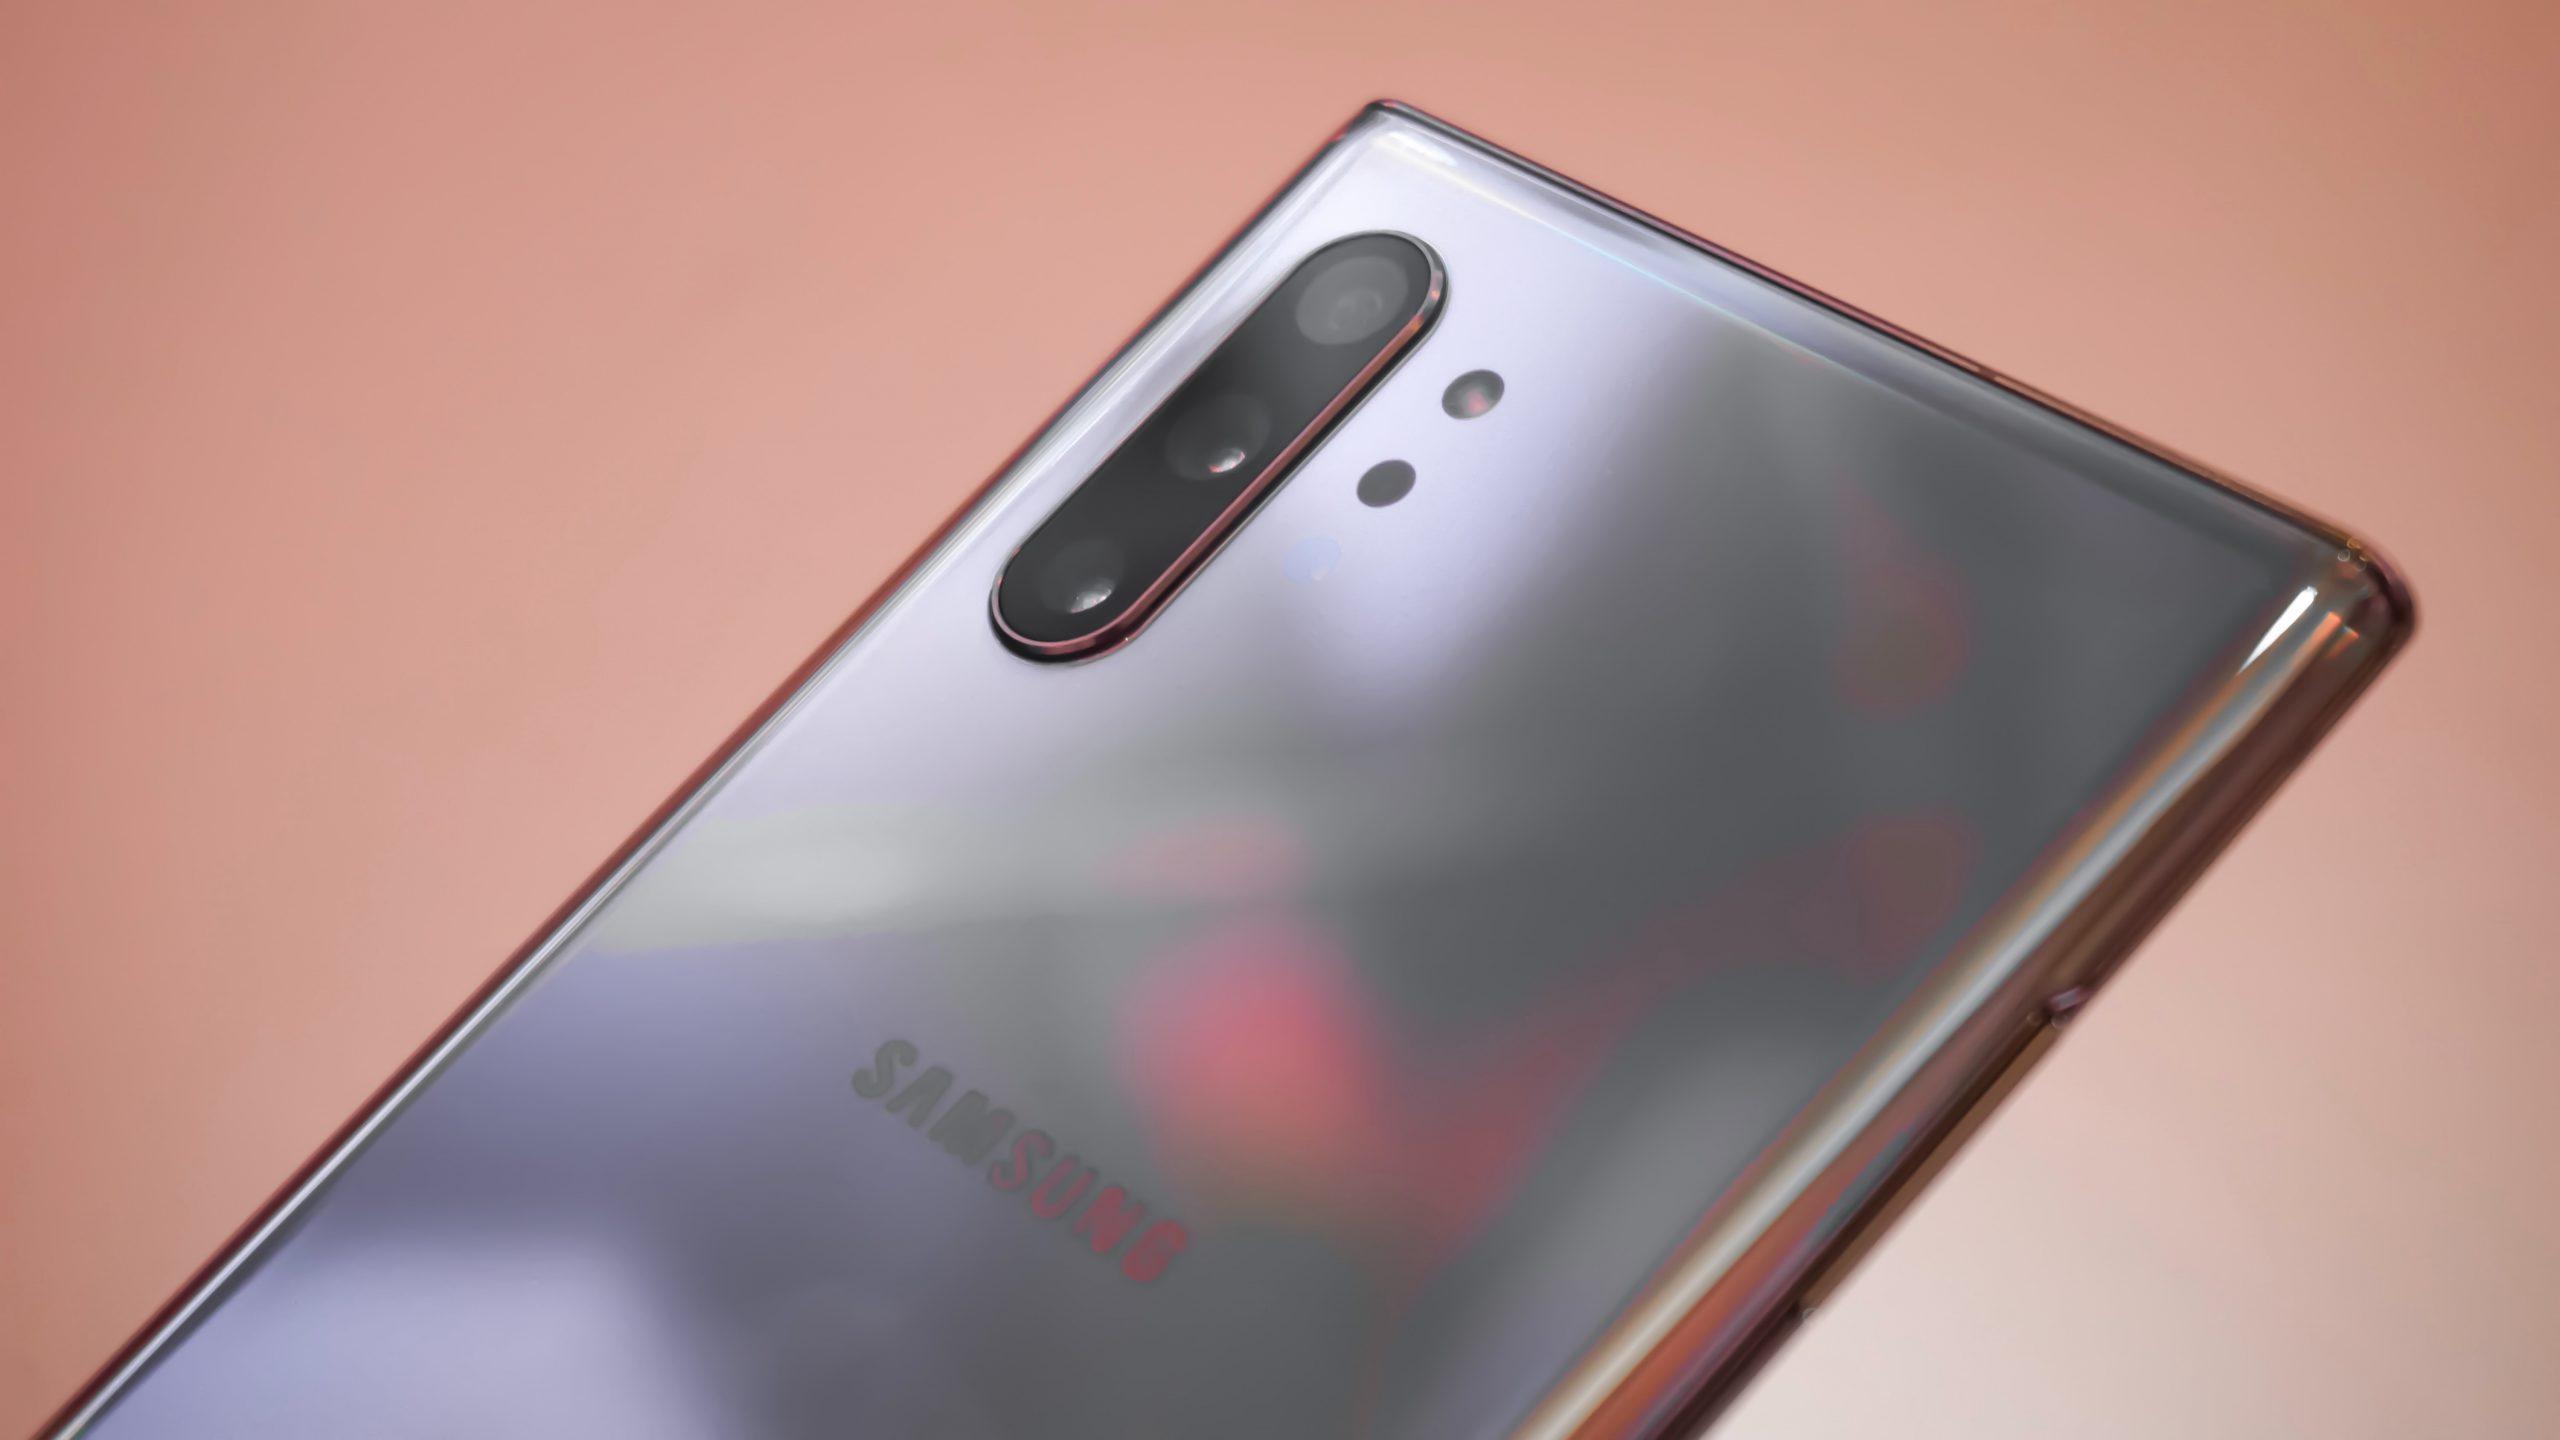 Miglior Samsung Galaxy 2020: Guida all'acquisto